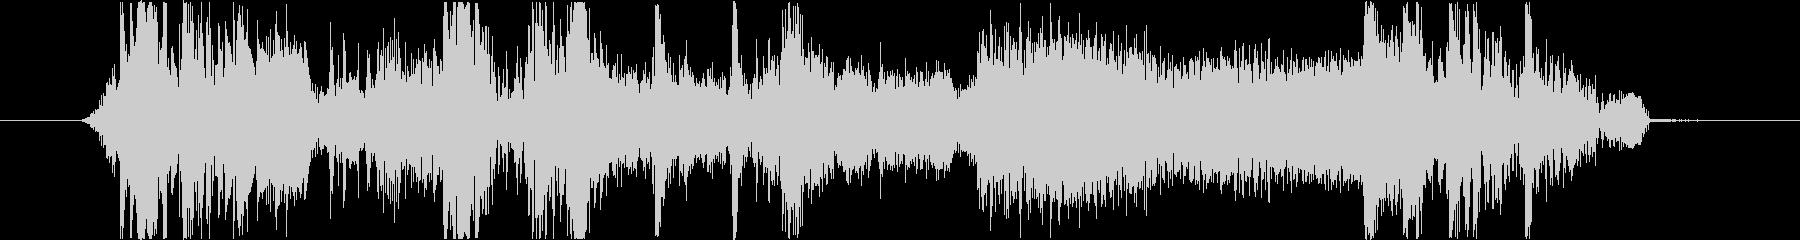 フィクション 力学 機械変換03の未再生の波形